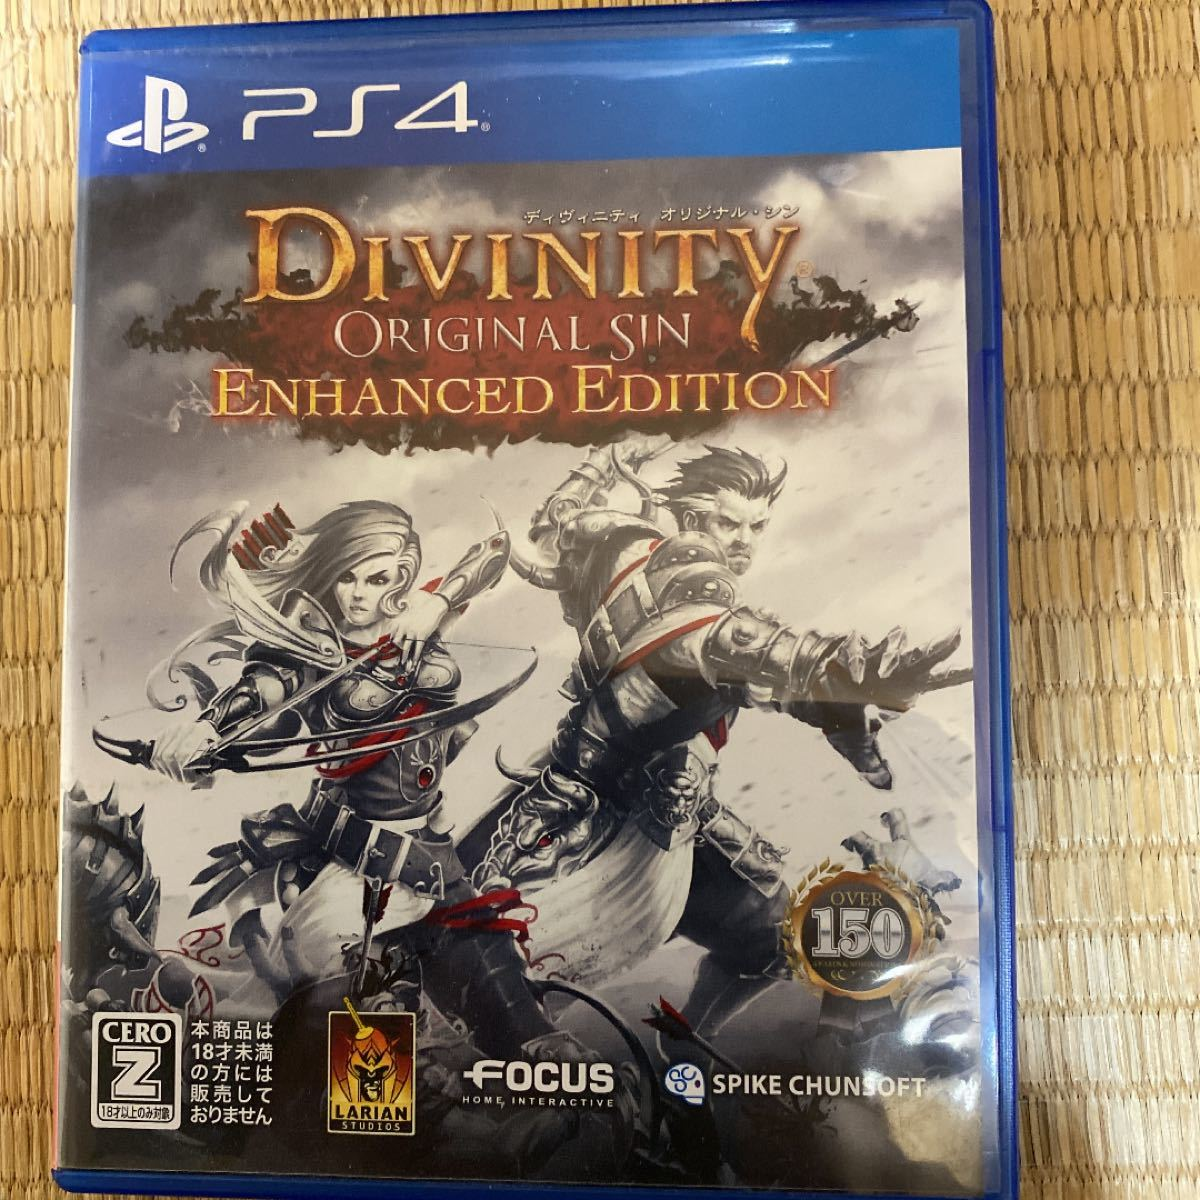 【PS4】 ディヴィニティ:オリジナル・シン エンハンスド・エディション